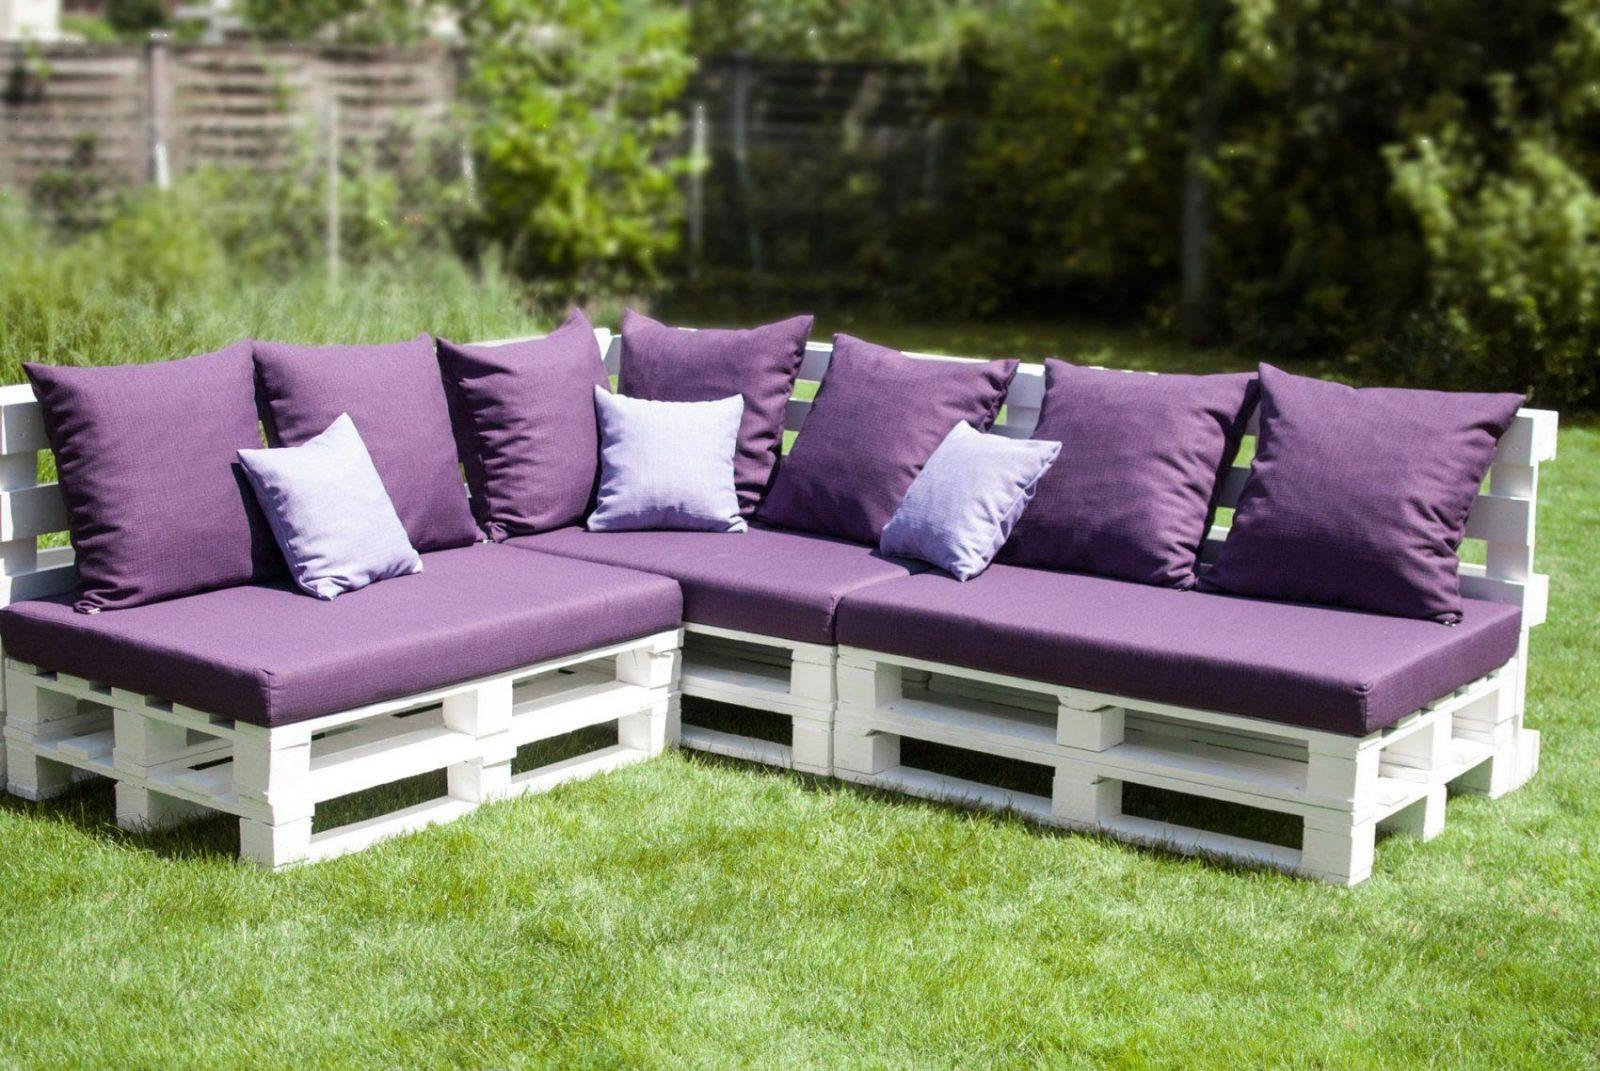 Lounge Möbel Selber Bauen Fp65 – Hitoiro von Loungemöbel Garten Selber Bauen Photo